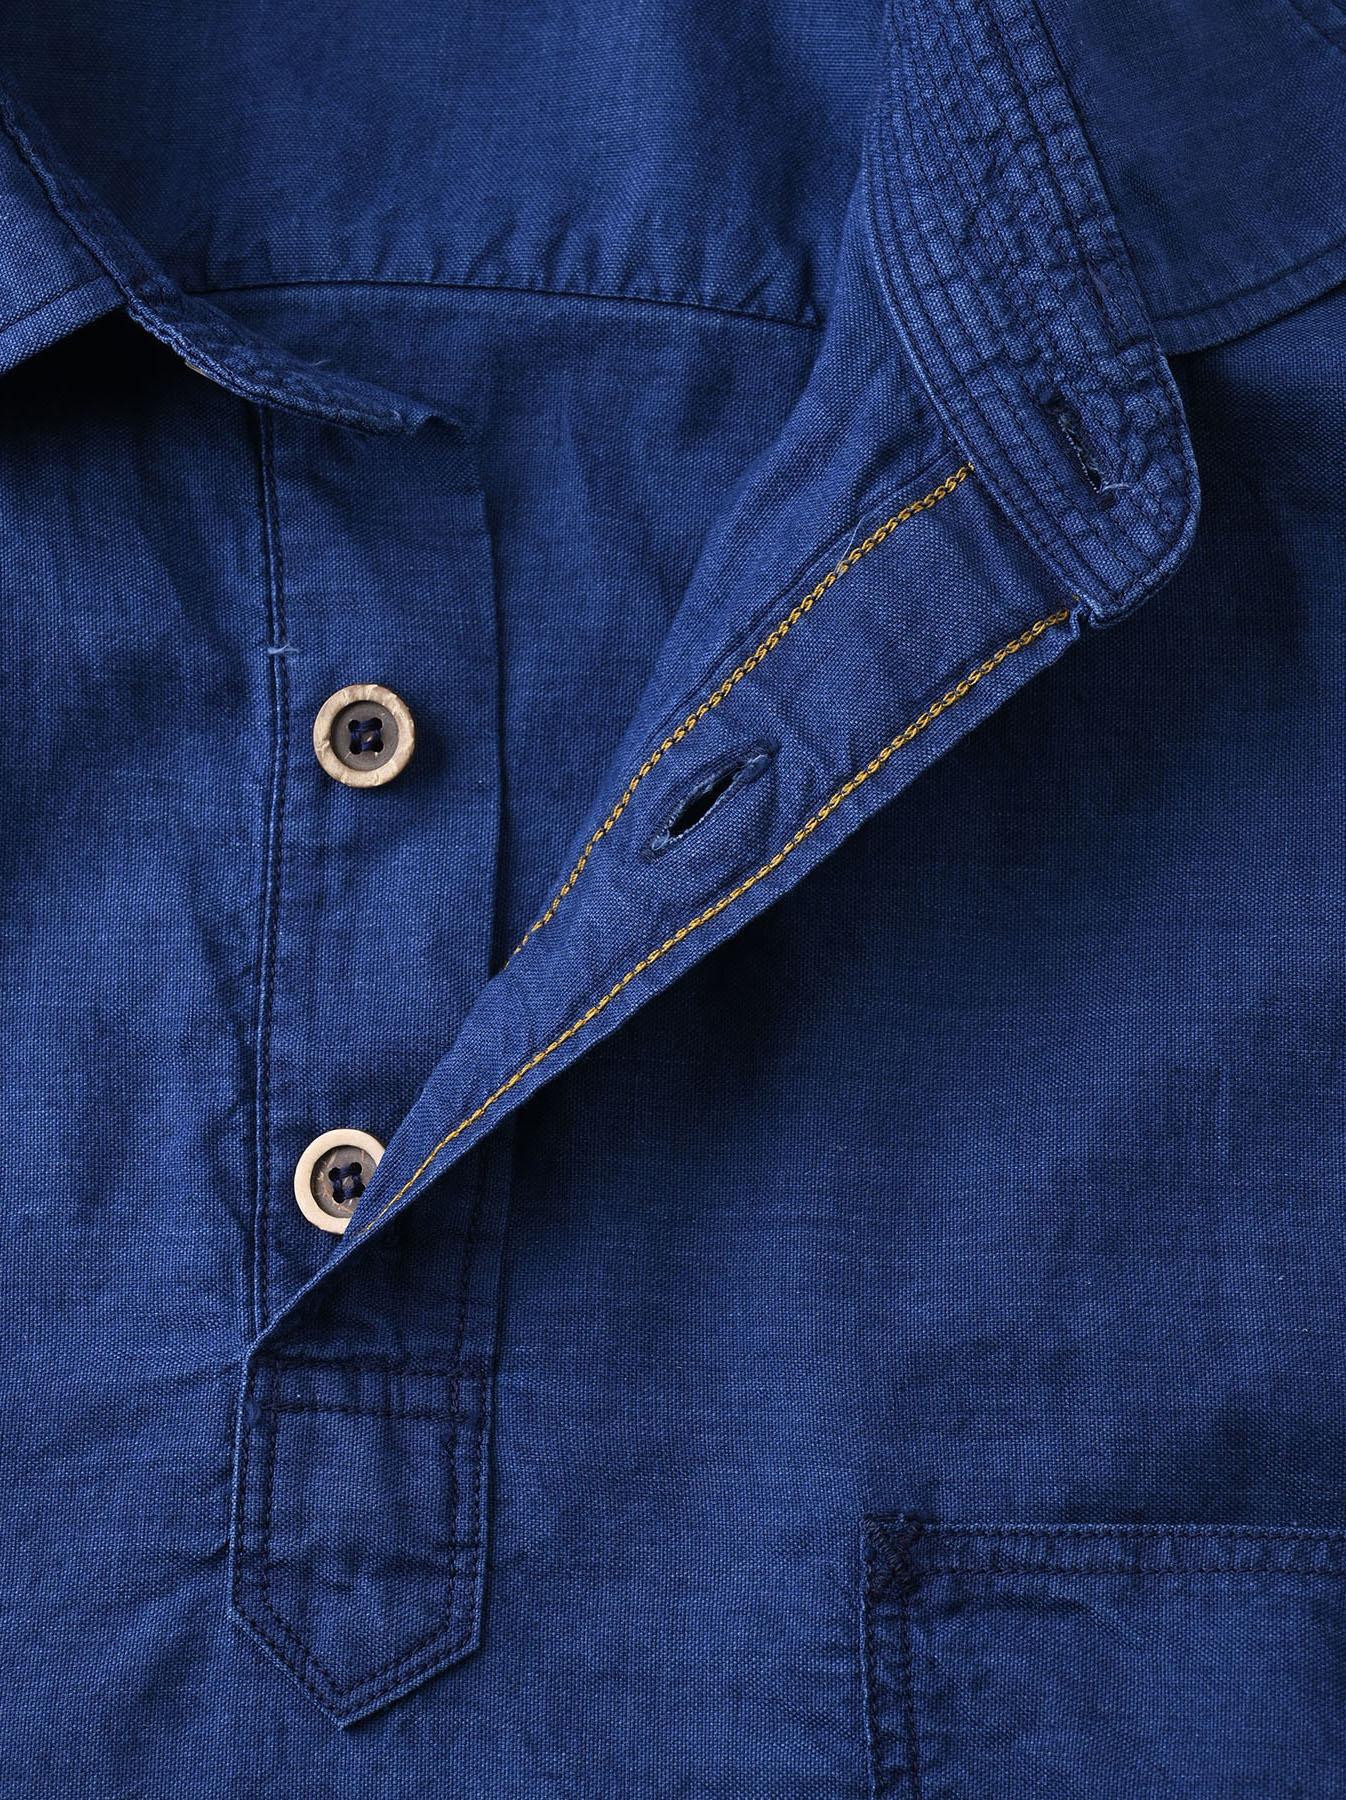 Indigo Thin Oxford Horizon Ocean Shirt (0621)-11